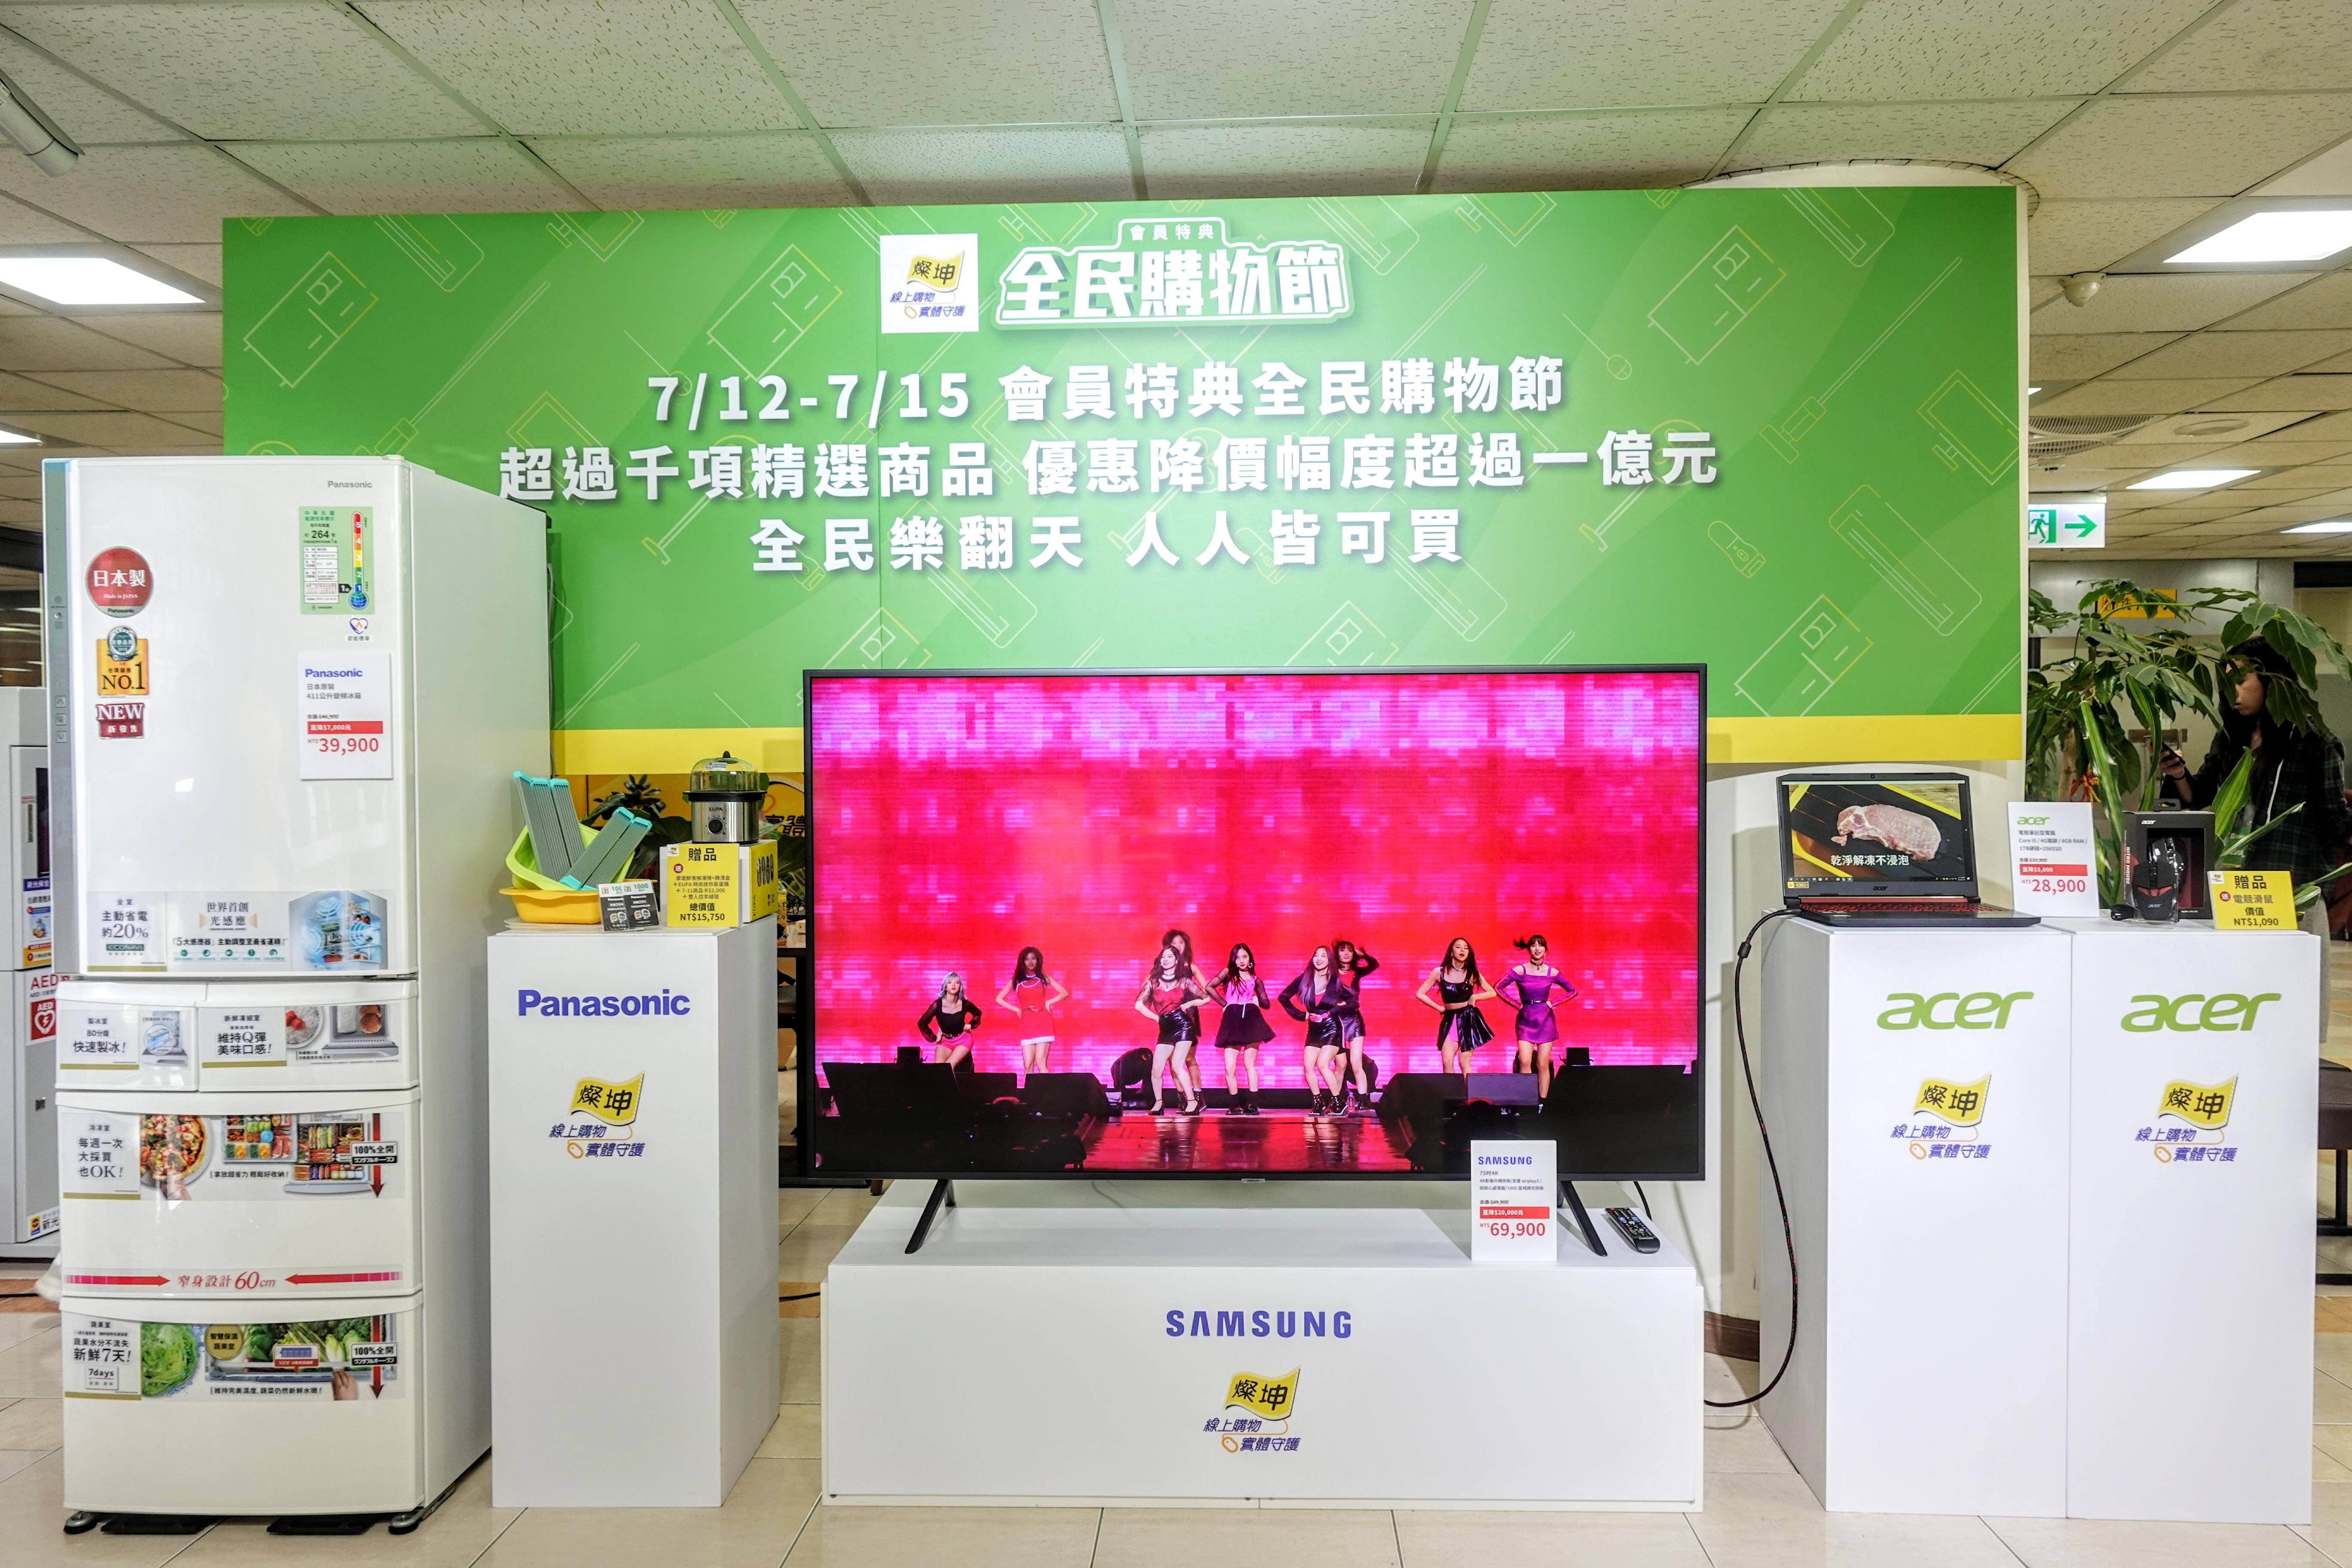 優惠降價幅度破億 Samsung 75吋4K電視直降20,000元